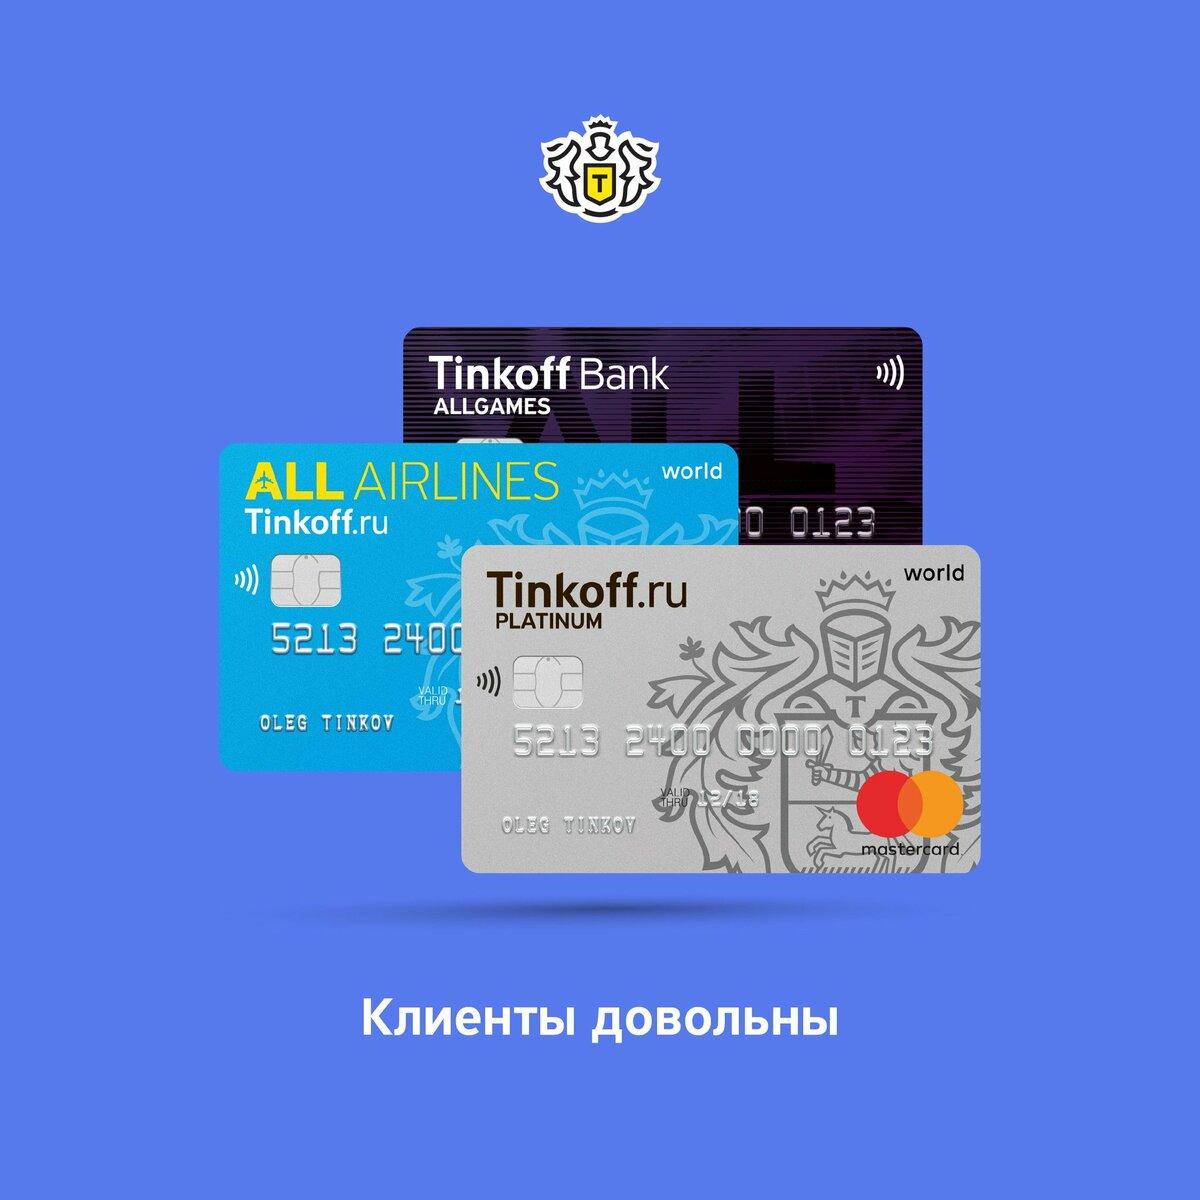 Дебетовые карты тинькофф банка оформить онлайн в тюмени.   банки.ру